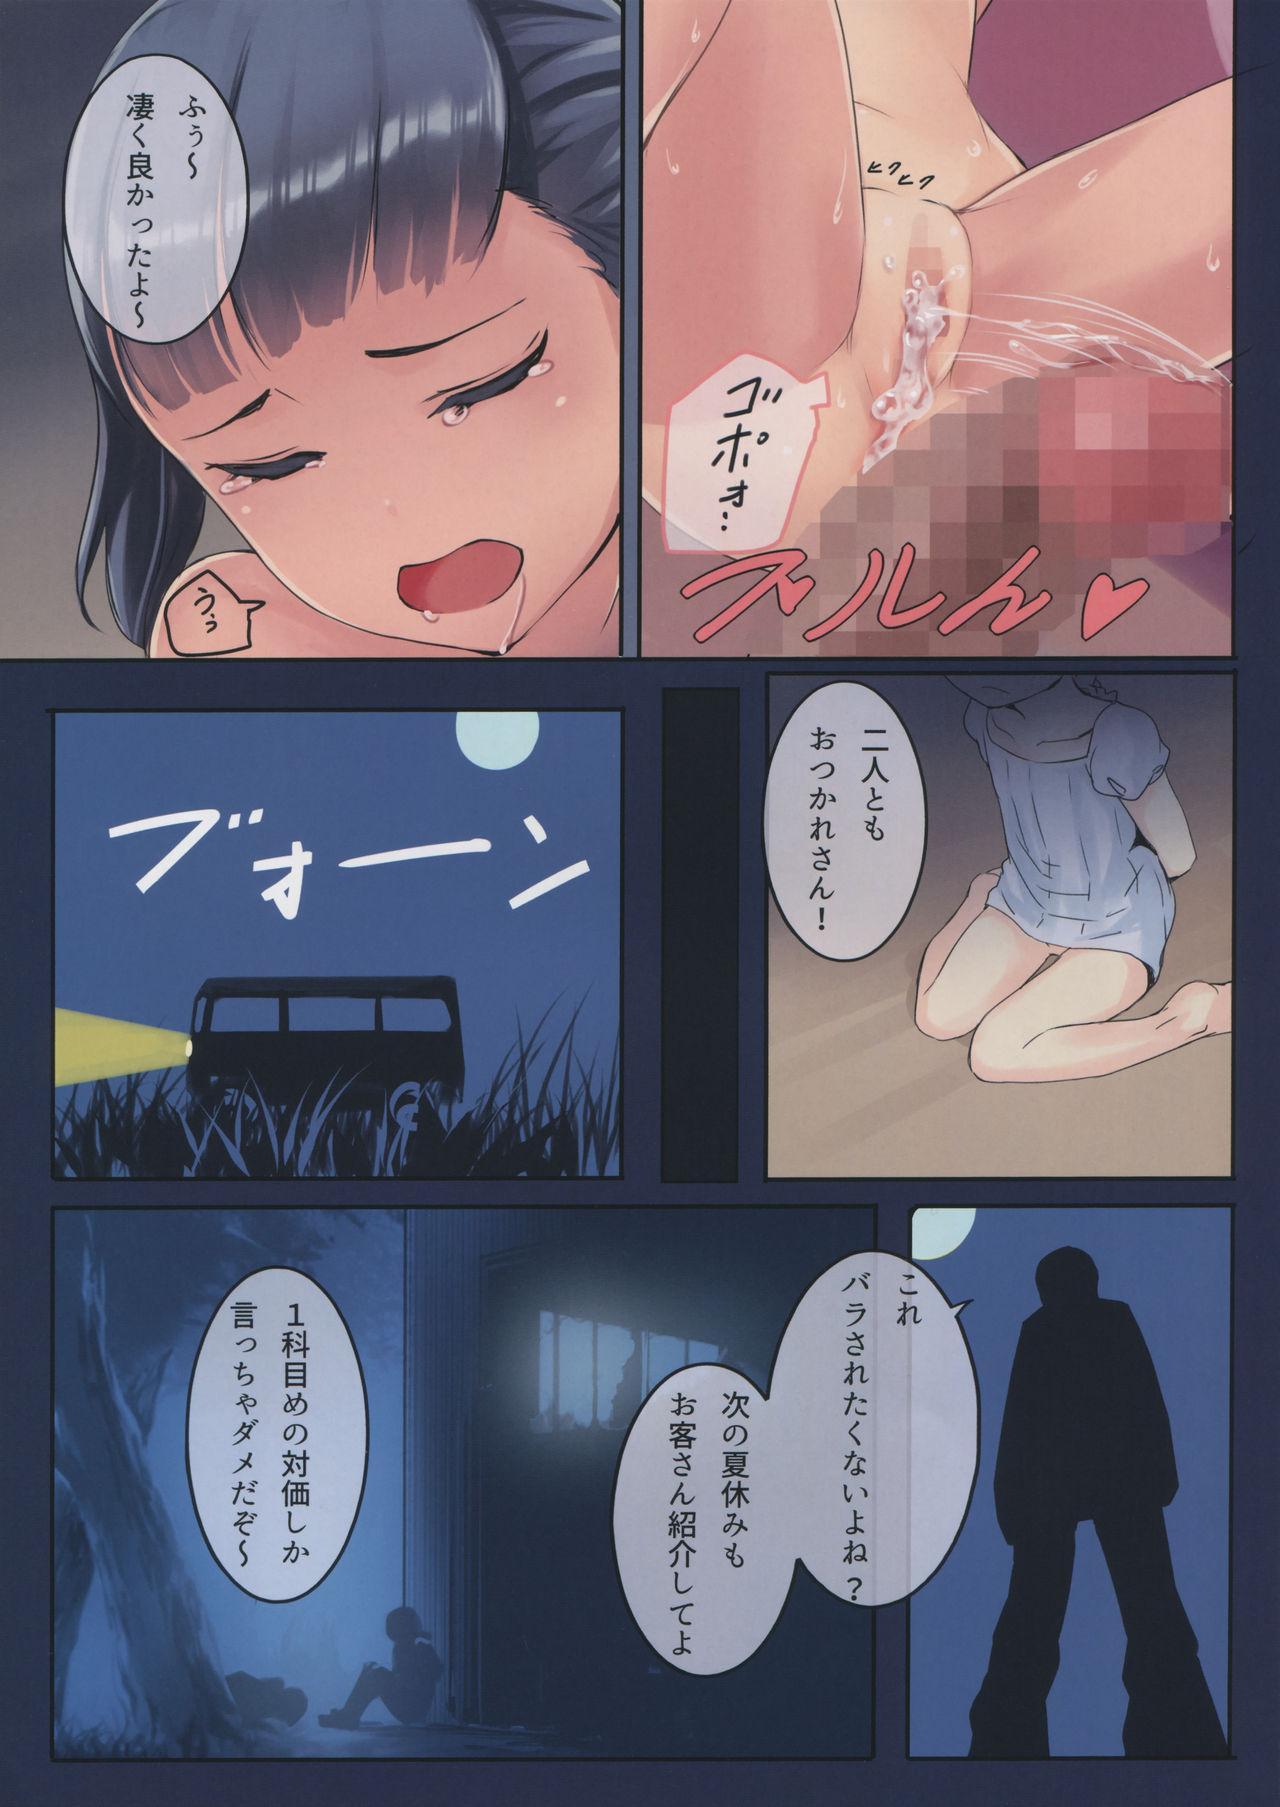 Chicchai Ko no Hon Vol. 5 16